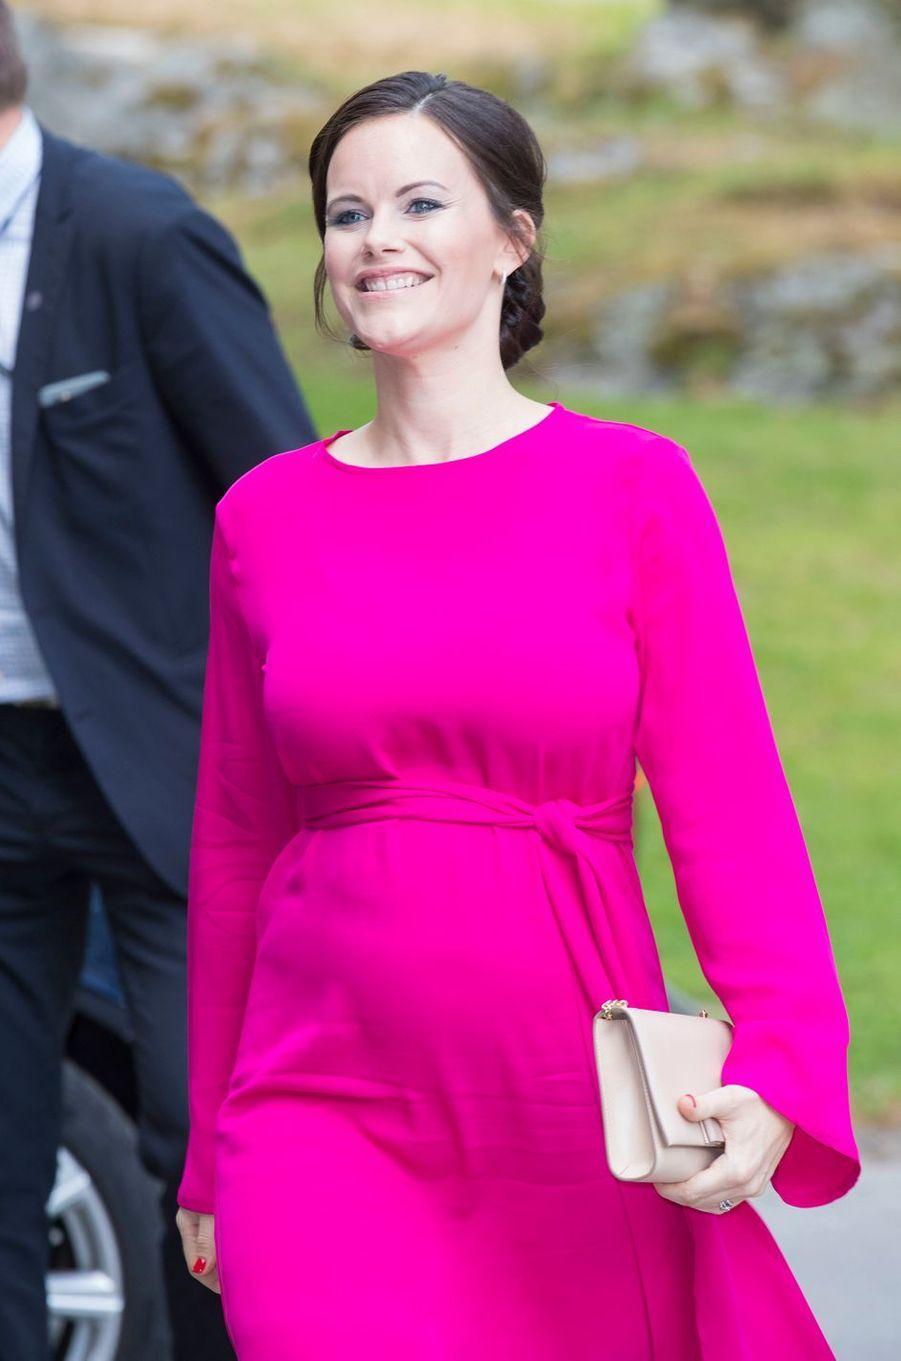 La princesse Sofia de Suède, enceinte de son deuxième enfant, à Stockholm, le 31 mai 2017